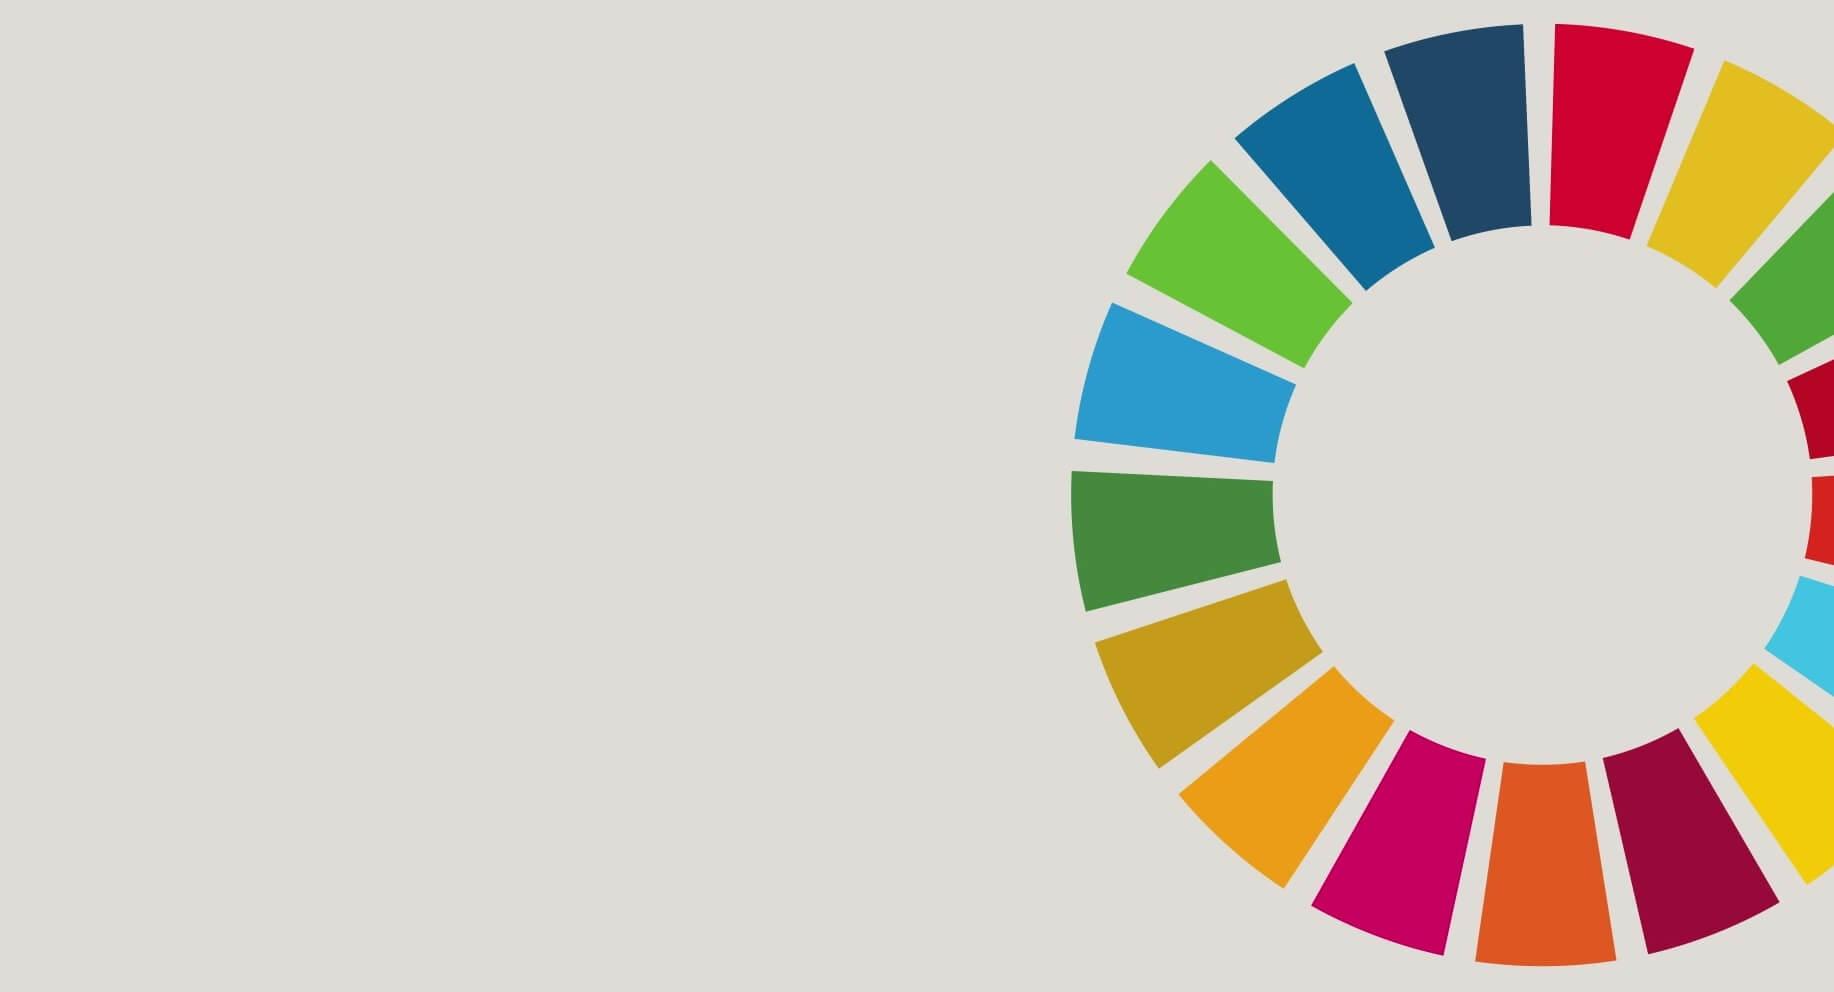 obiettivi-sviluppo-sostenibile